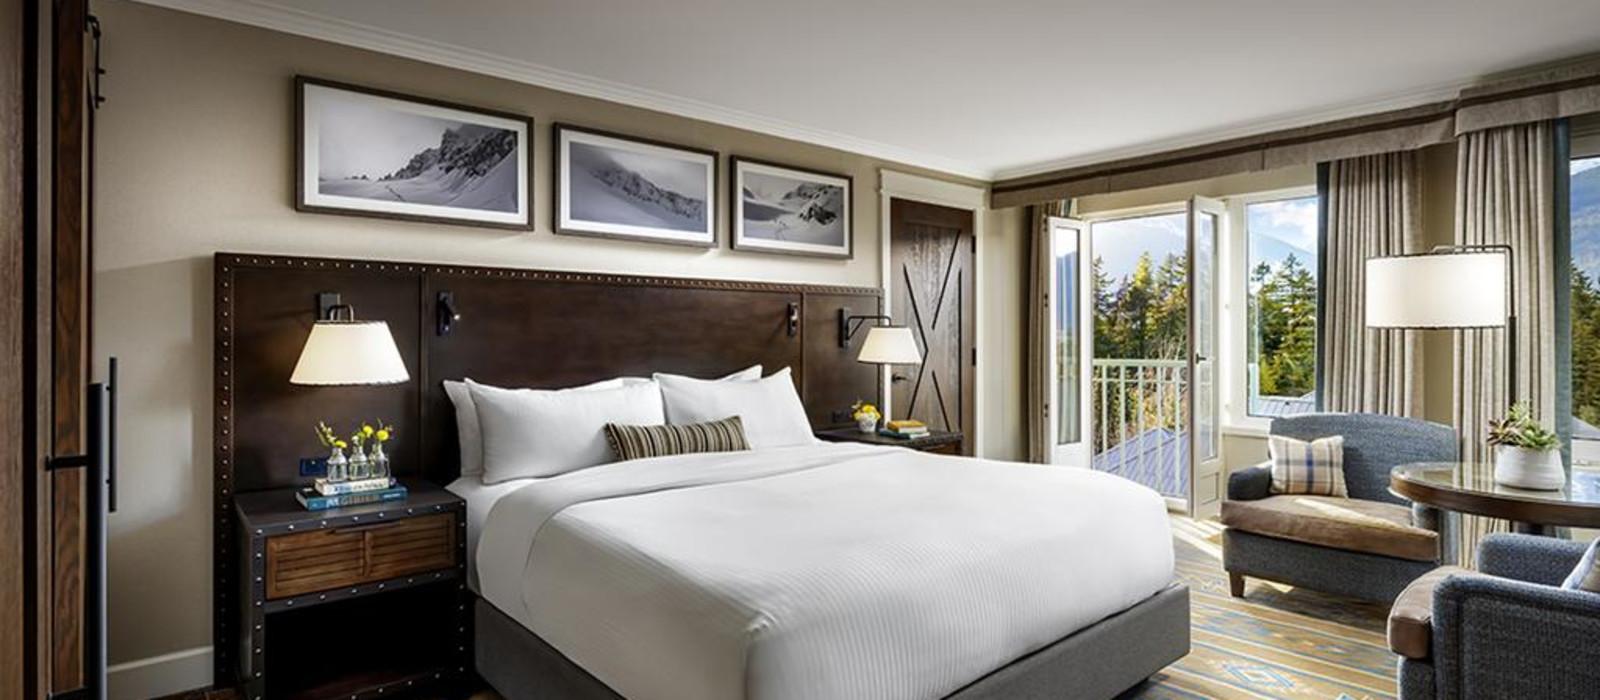 Hotel Fairmont Chateau Whistler Kanada